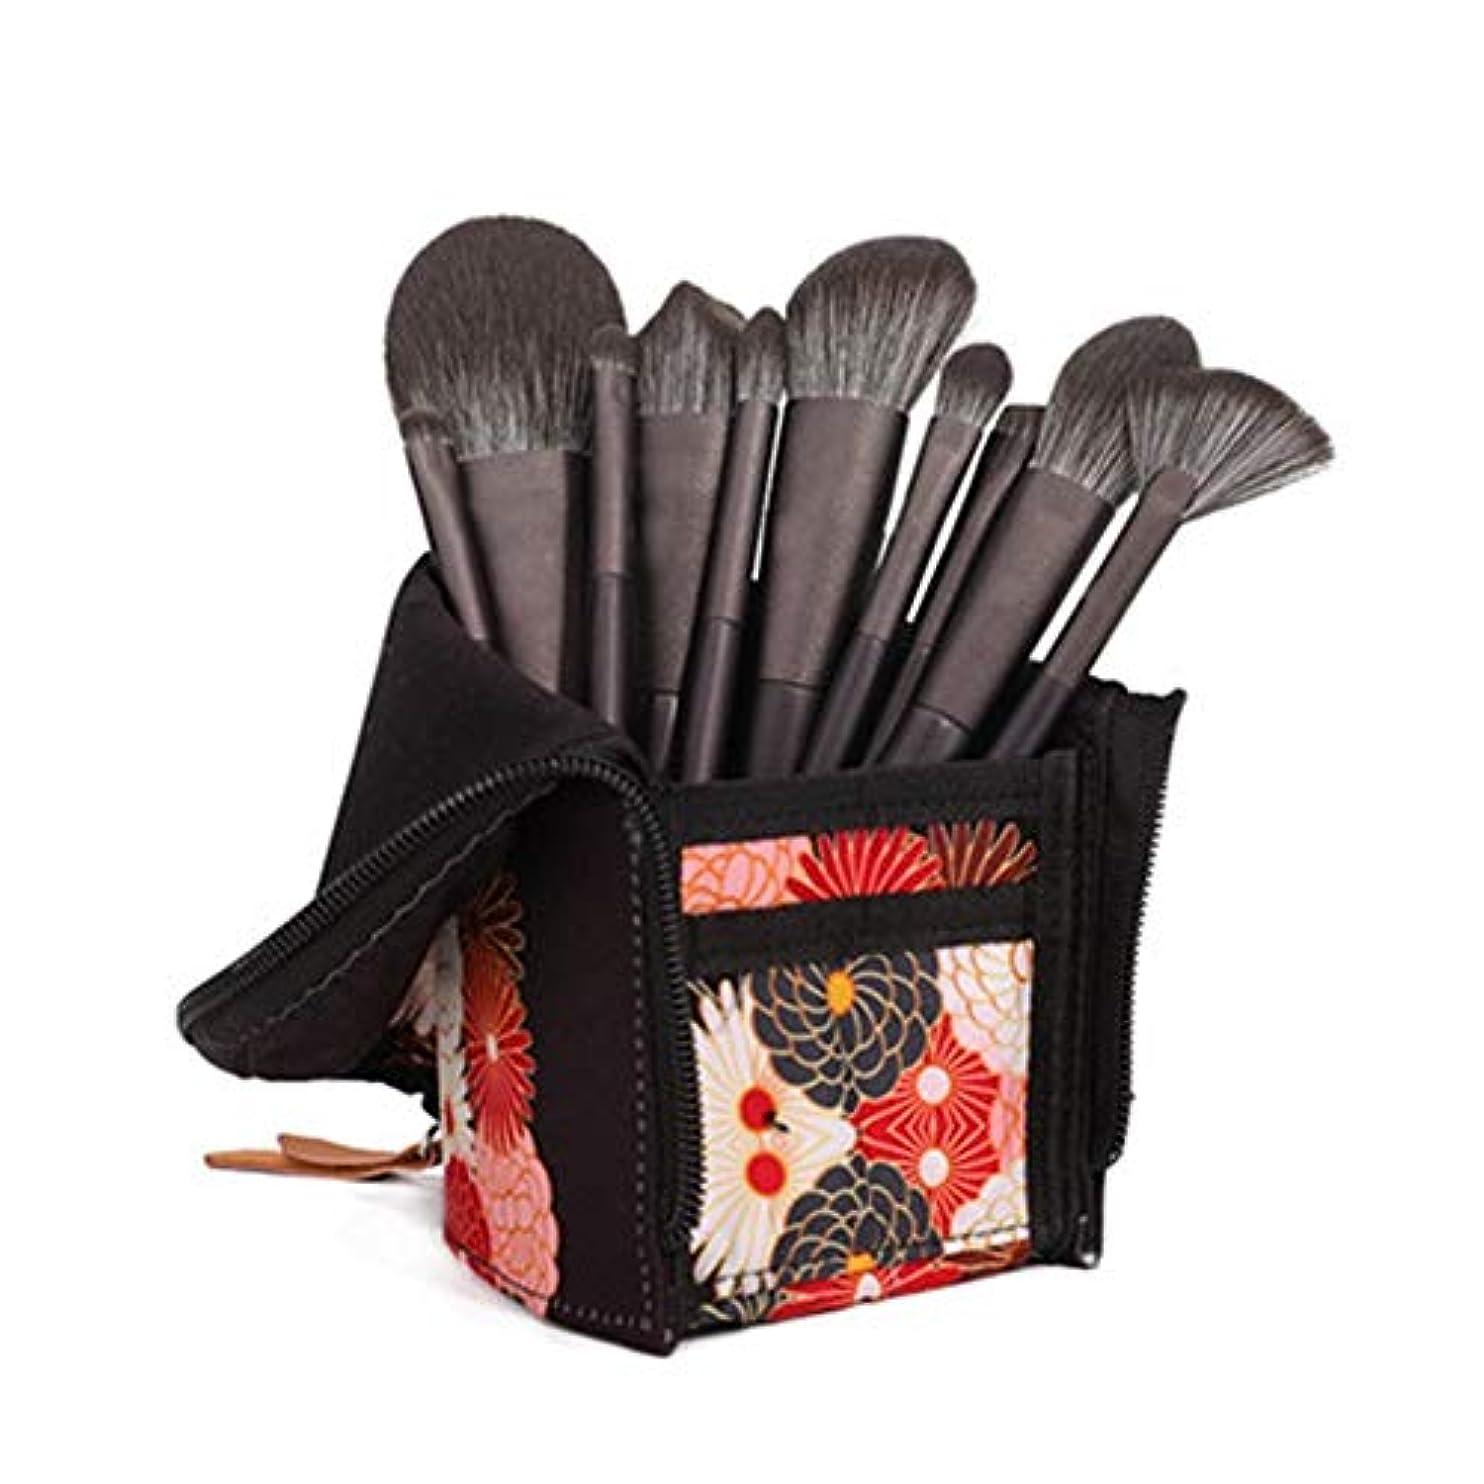 疼痛ペフ回答10個のメイクブラシセット、ブラッシュアイシャドウ財団フルセットメイクブラシレーヨン美容ツールを簡単にきれいな、簡単にキャリー